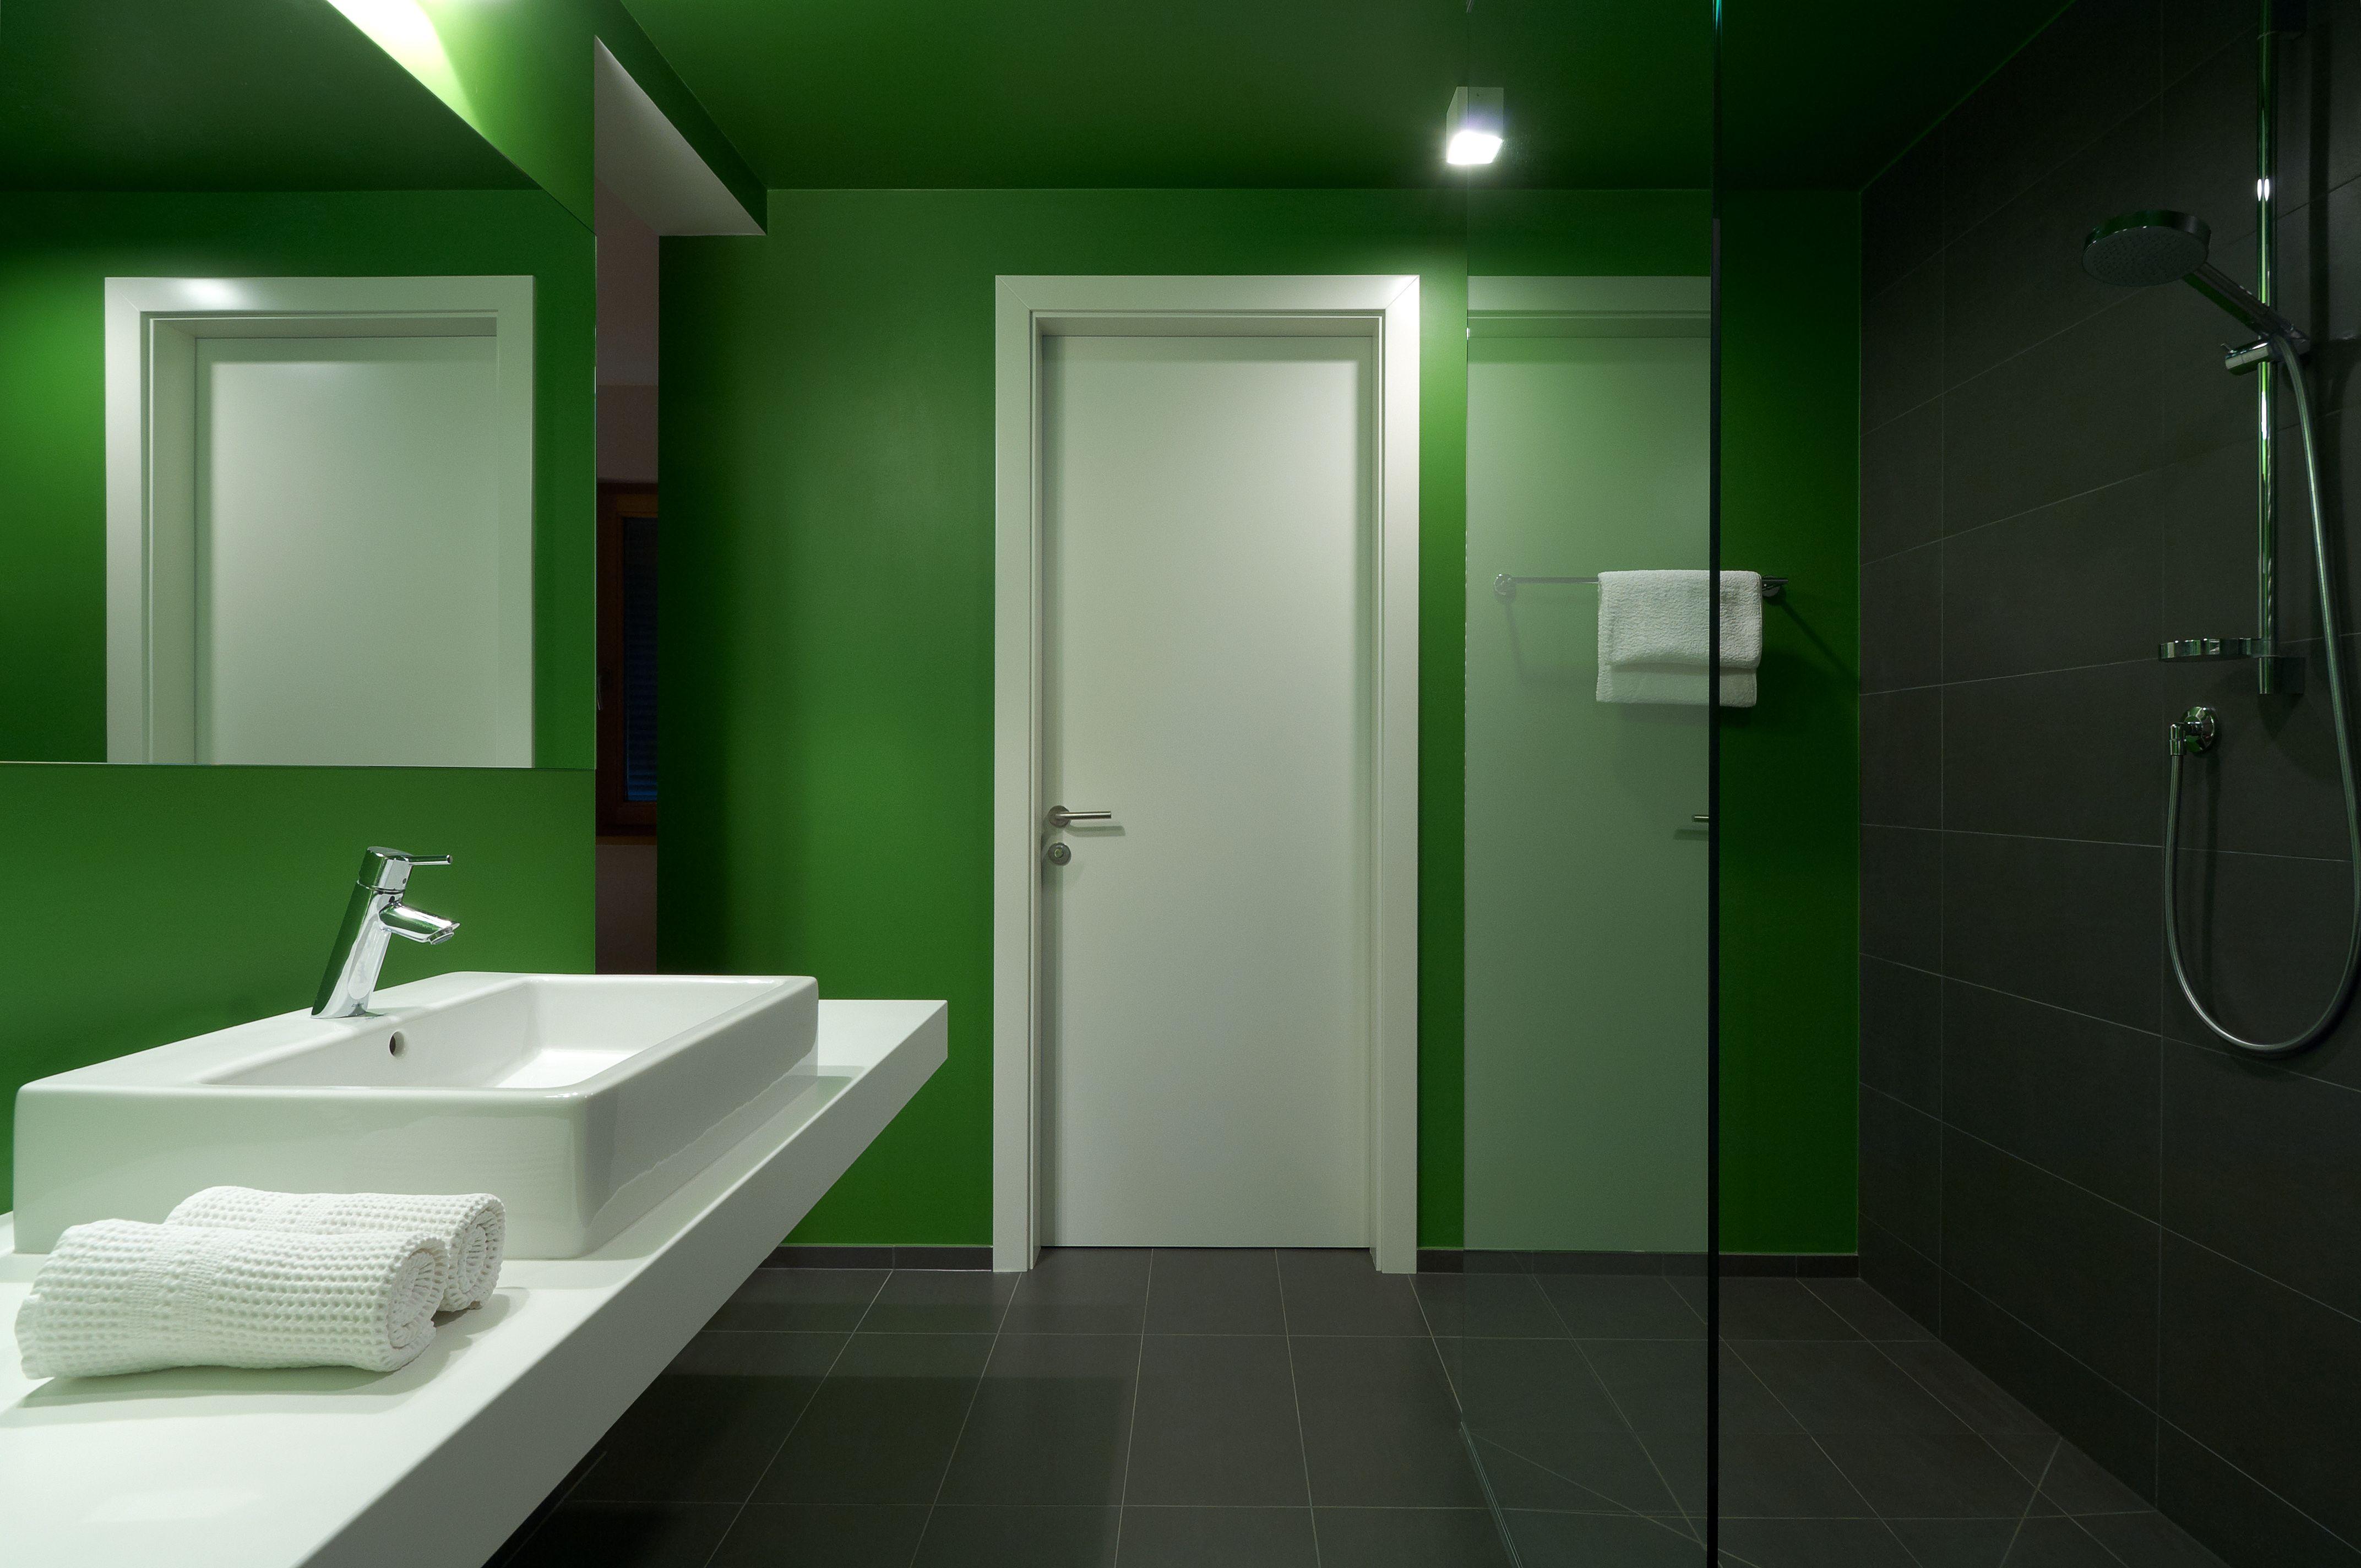 Wunderschöne Gäste-Badezimmer im Hotel Tirolerhof in Rodeneck ...